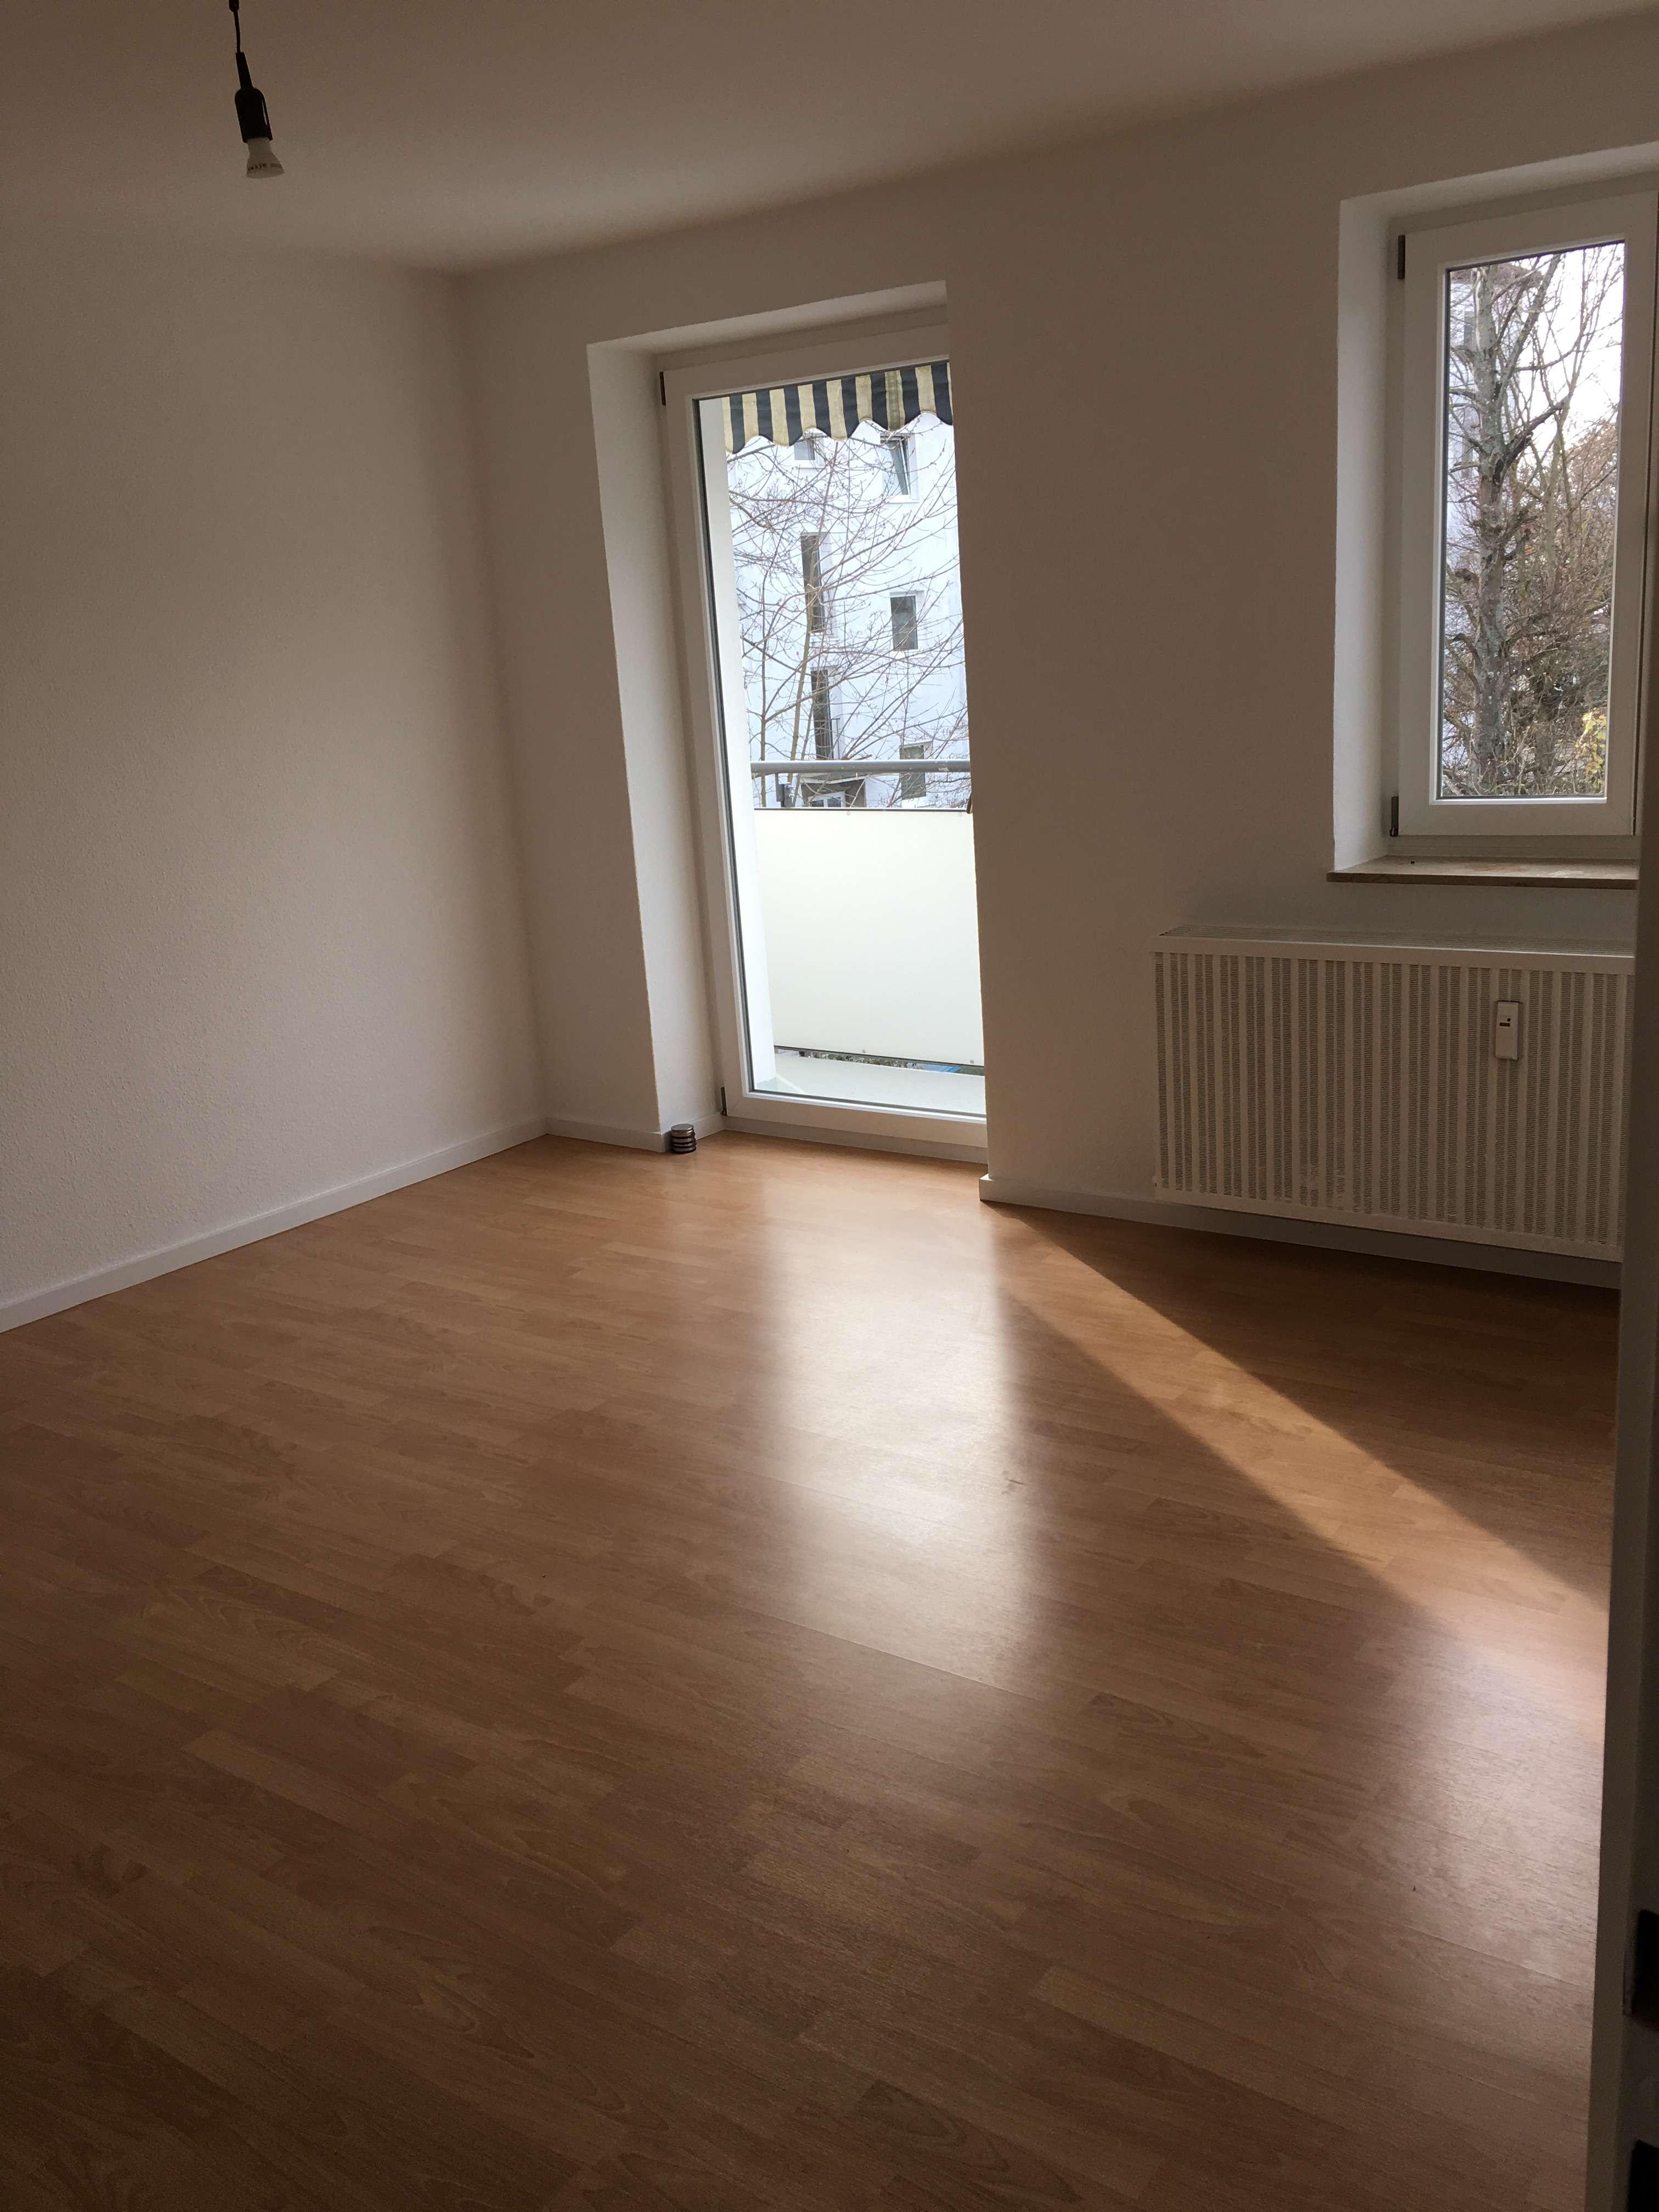 Top renovierte 3-Zimmer Wohnung in bester Wohnlage in Nordwest